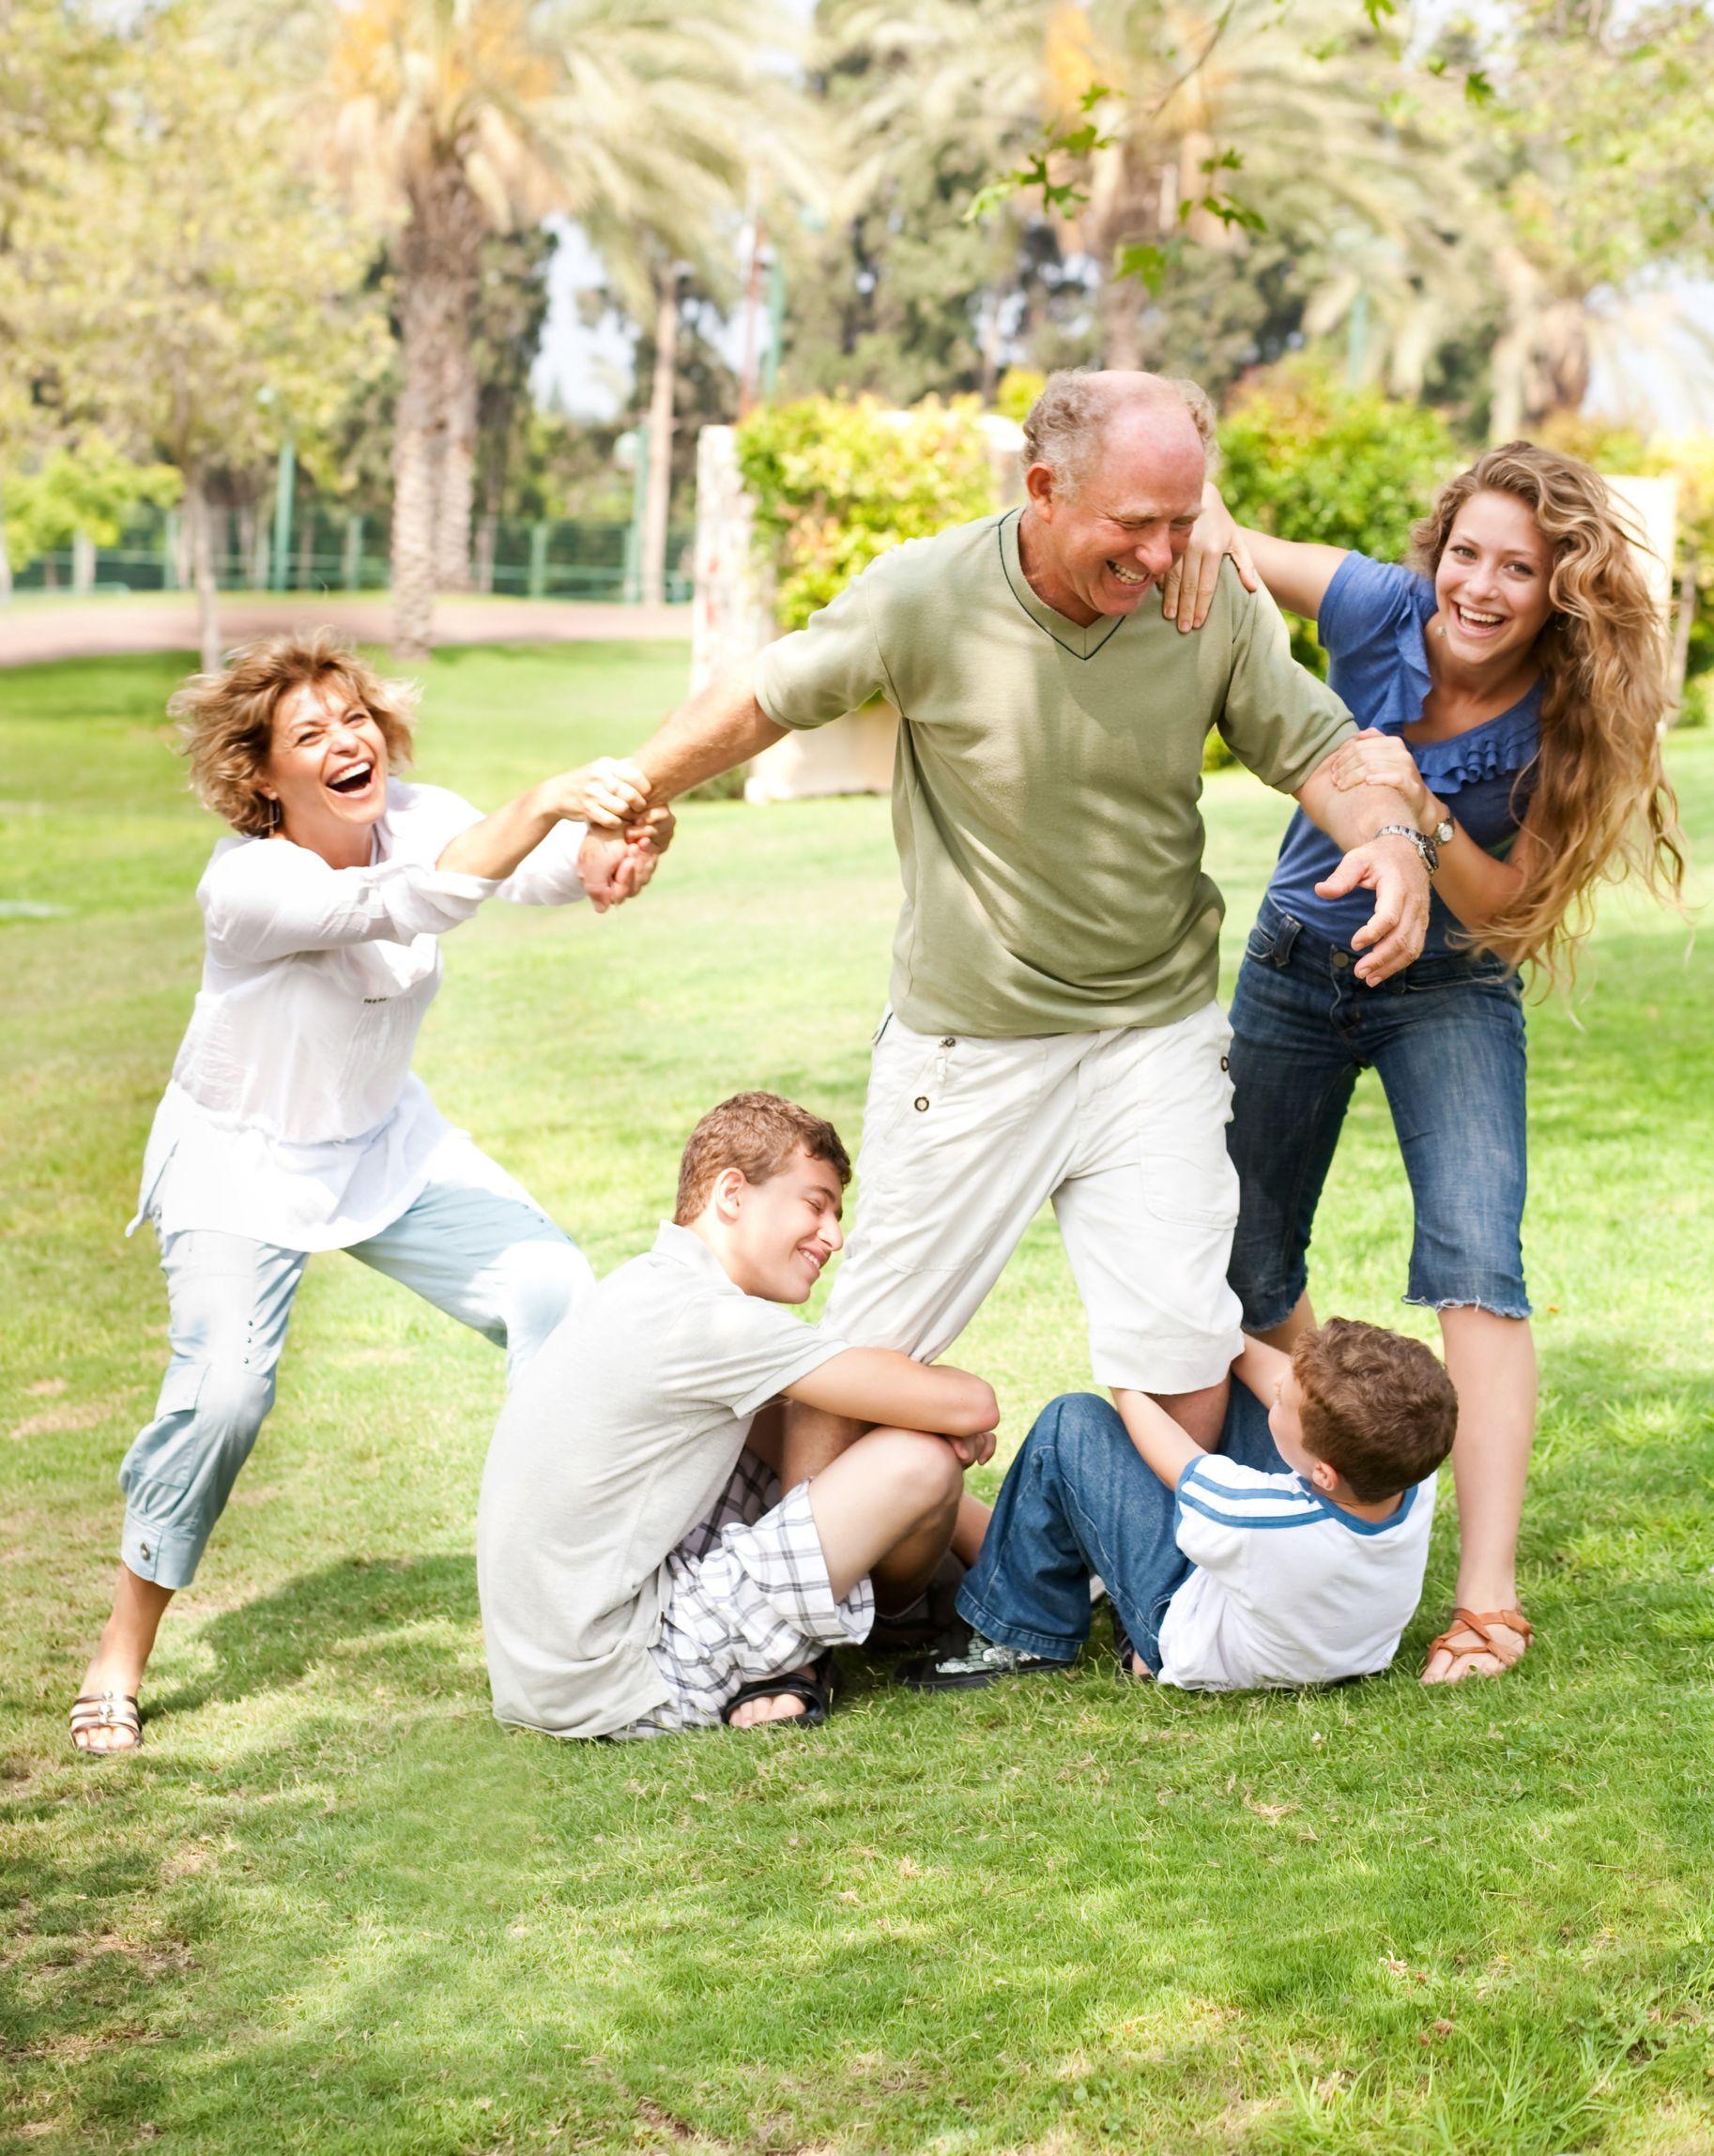 Комментарии к семейным фото с детьми